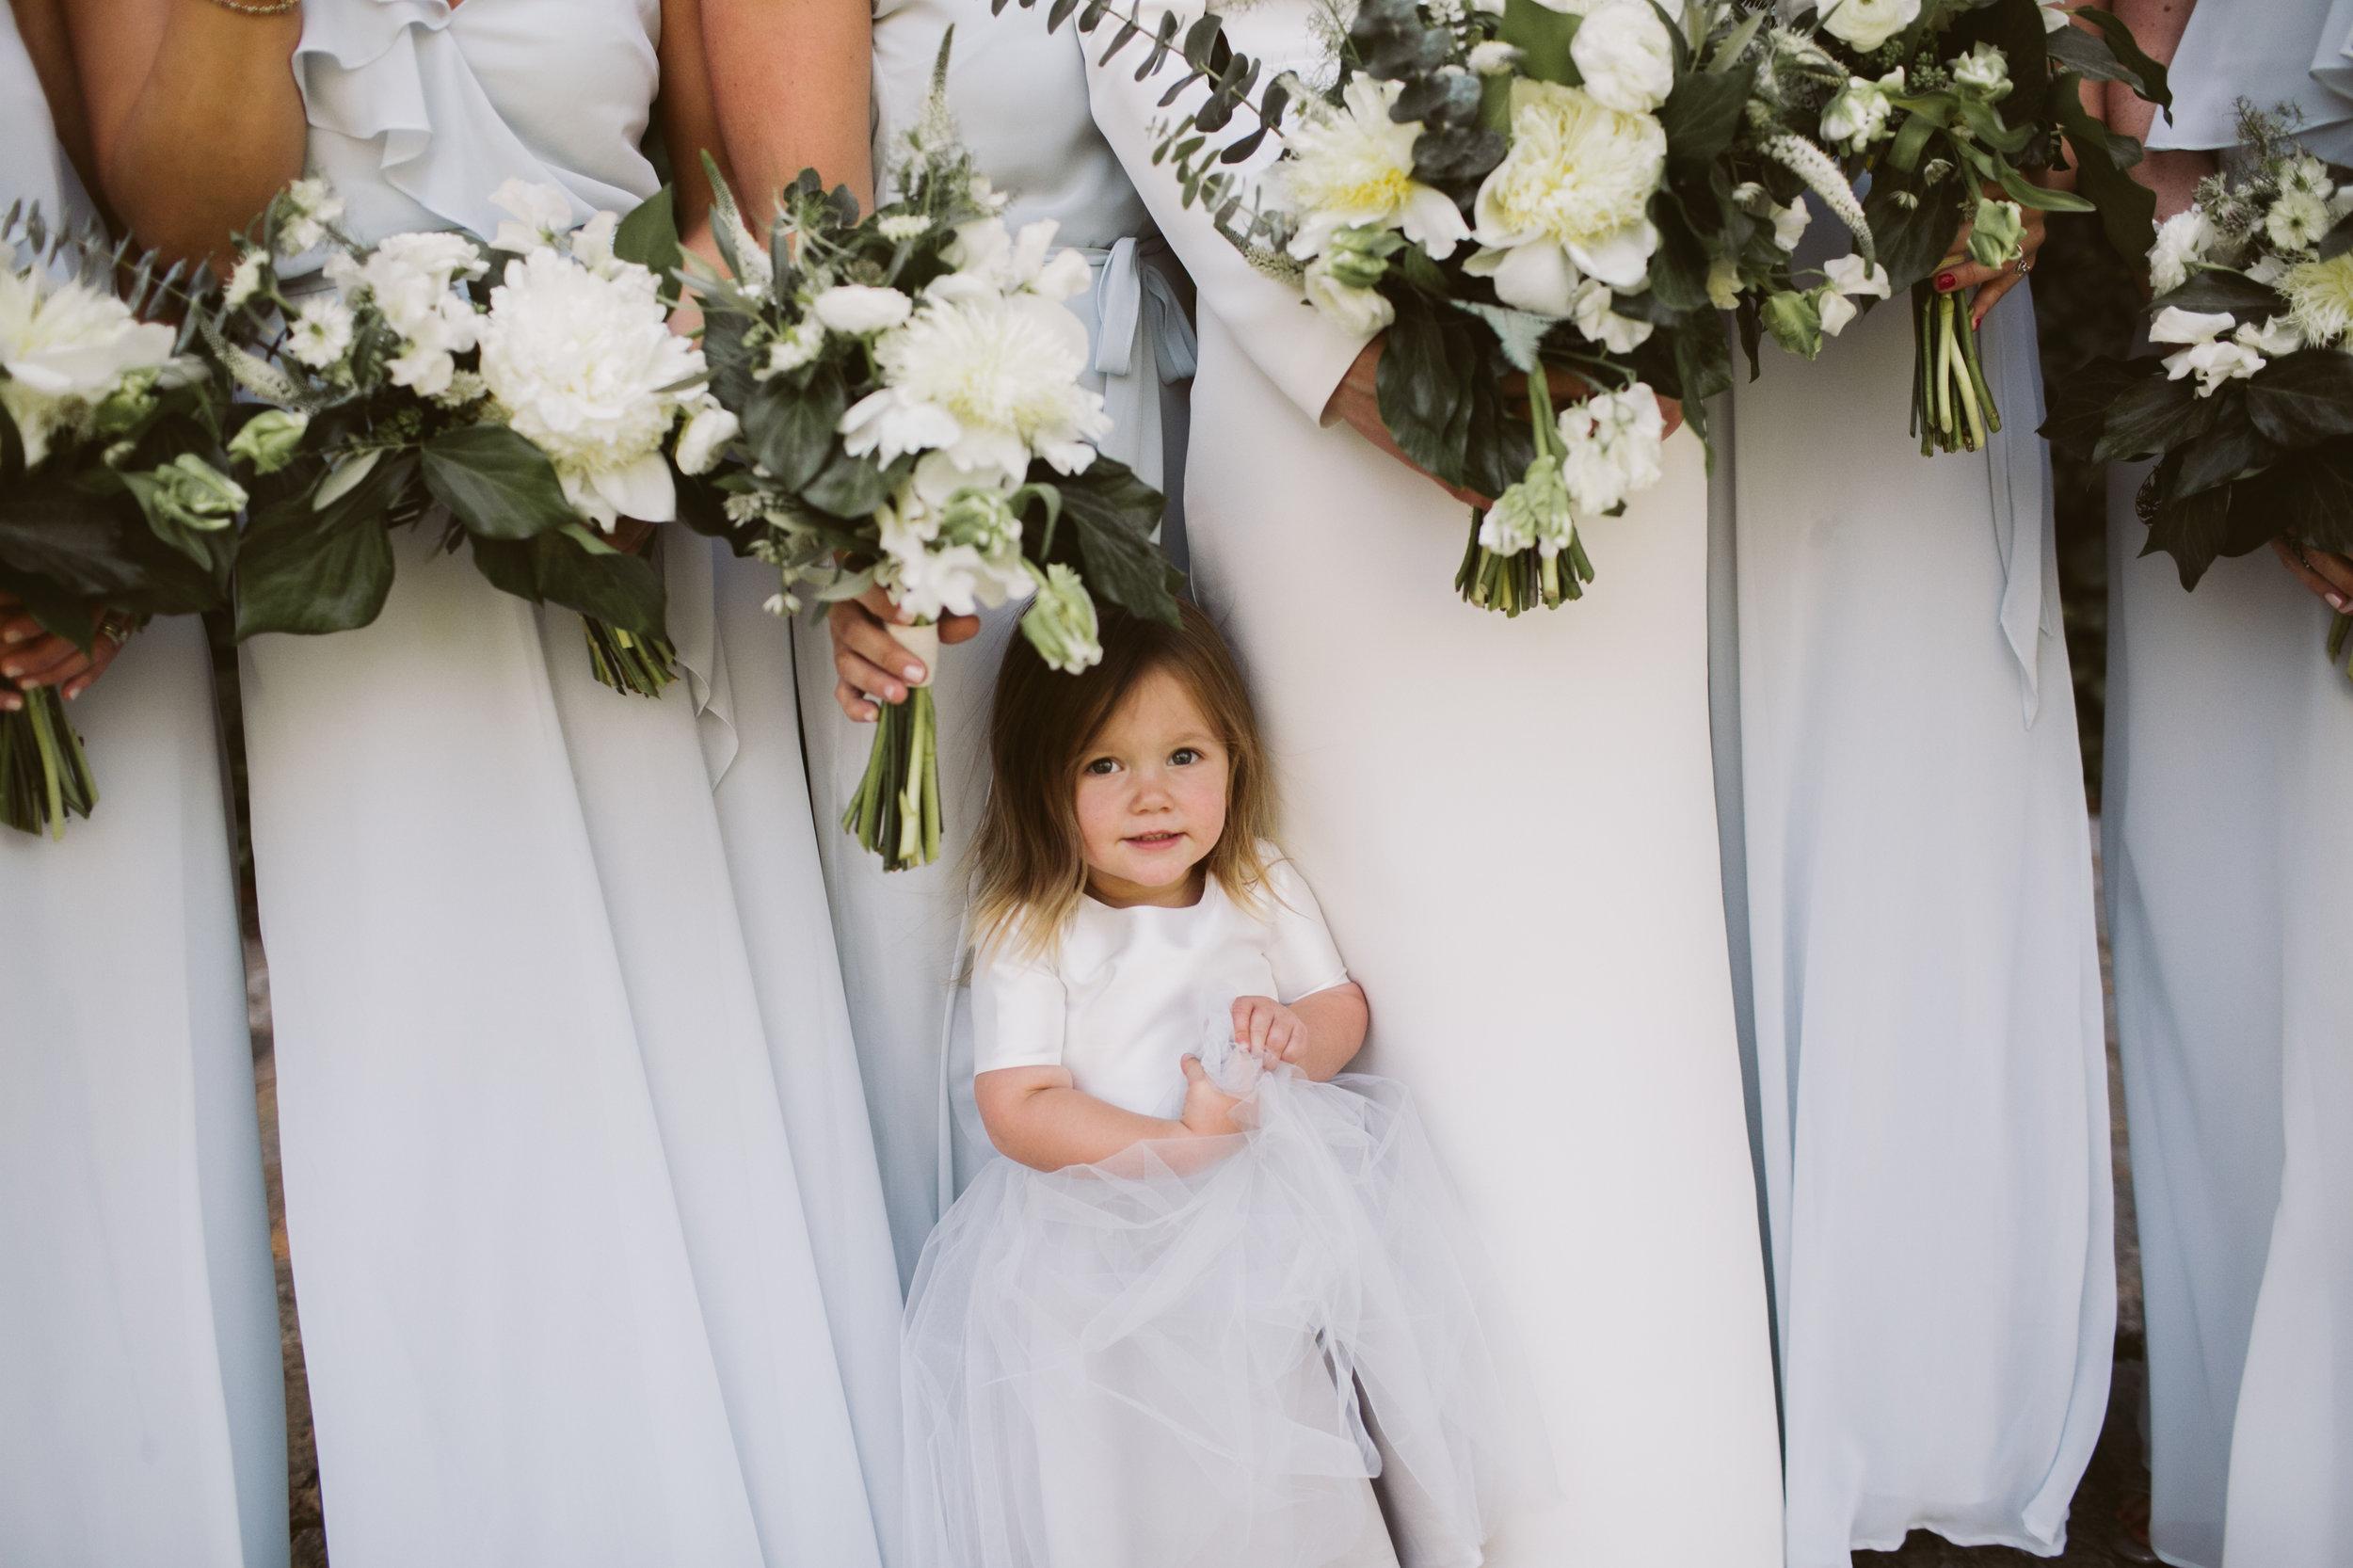 SA_WeddingParty-36.jpg